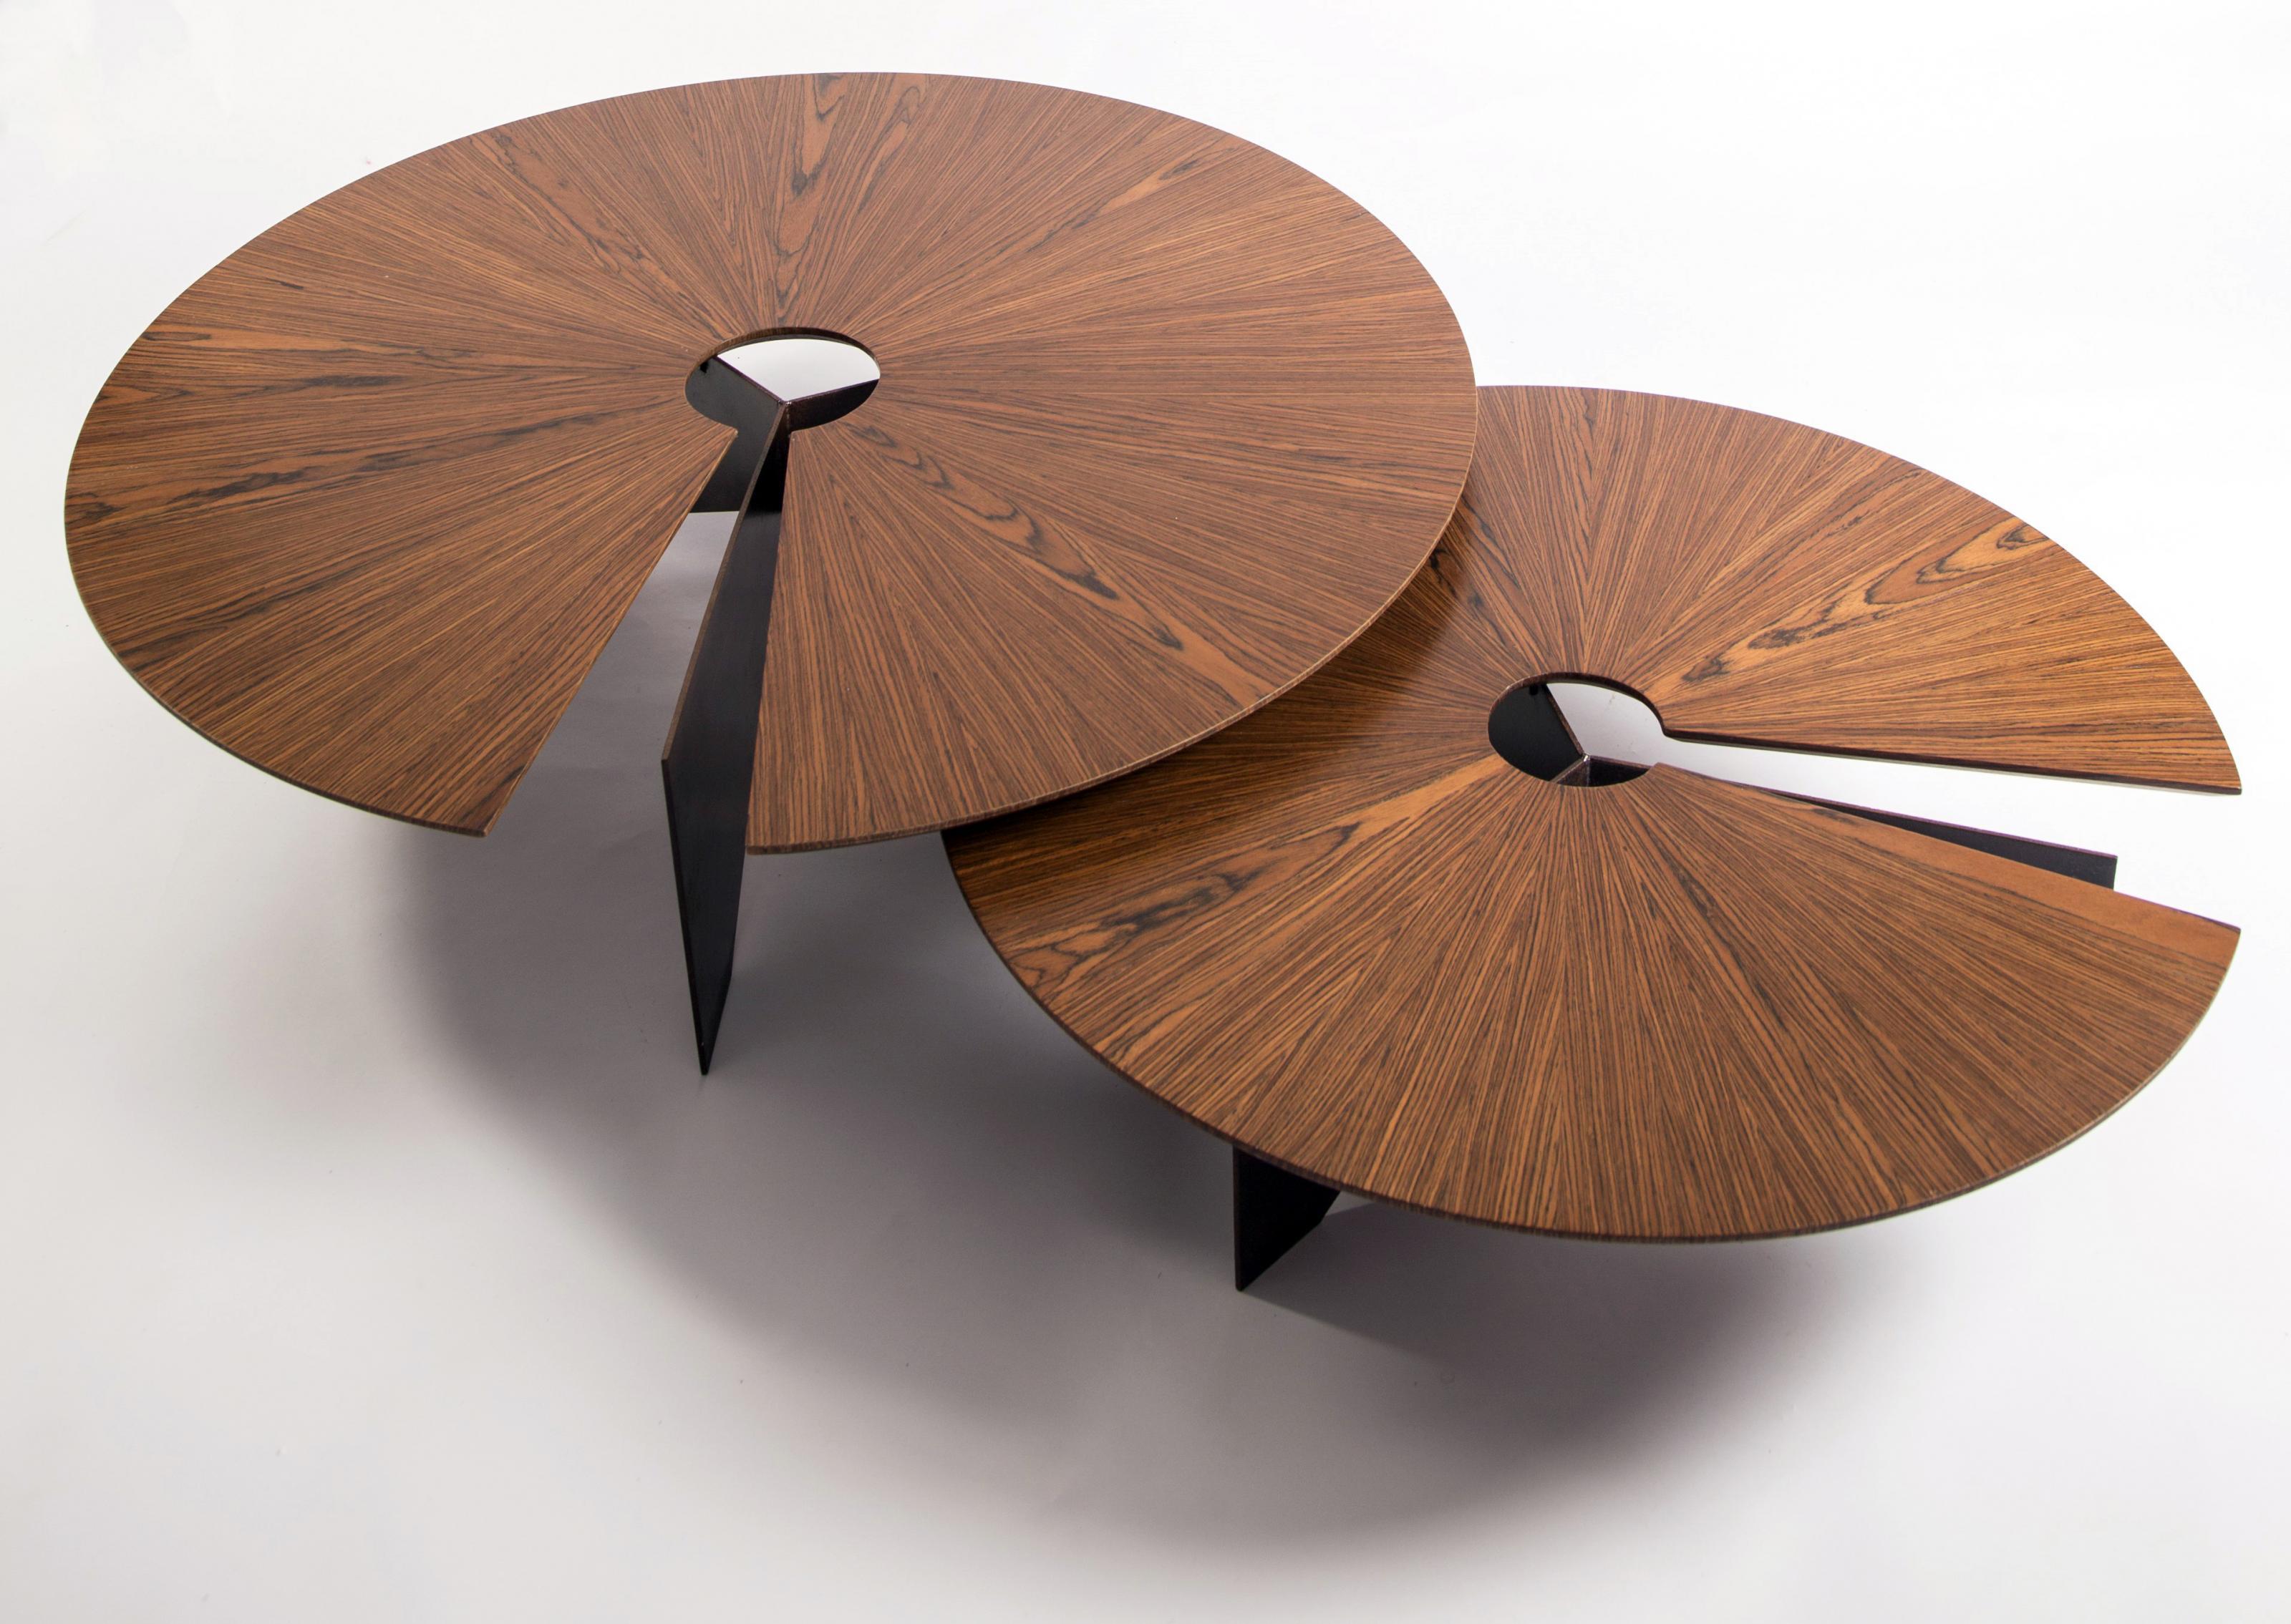 Mesa de centro lena boobam descrio mesa de centro altavistaventures Choice Image